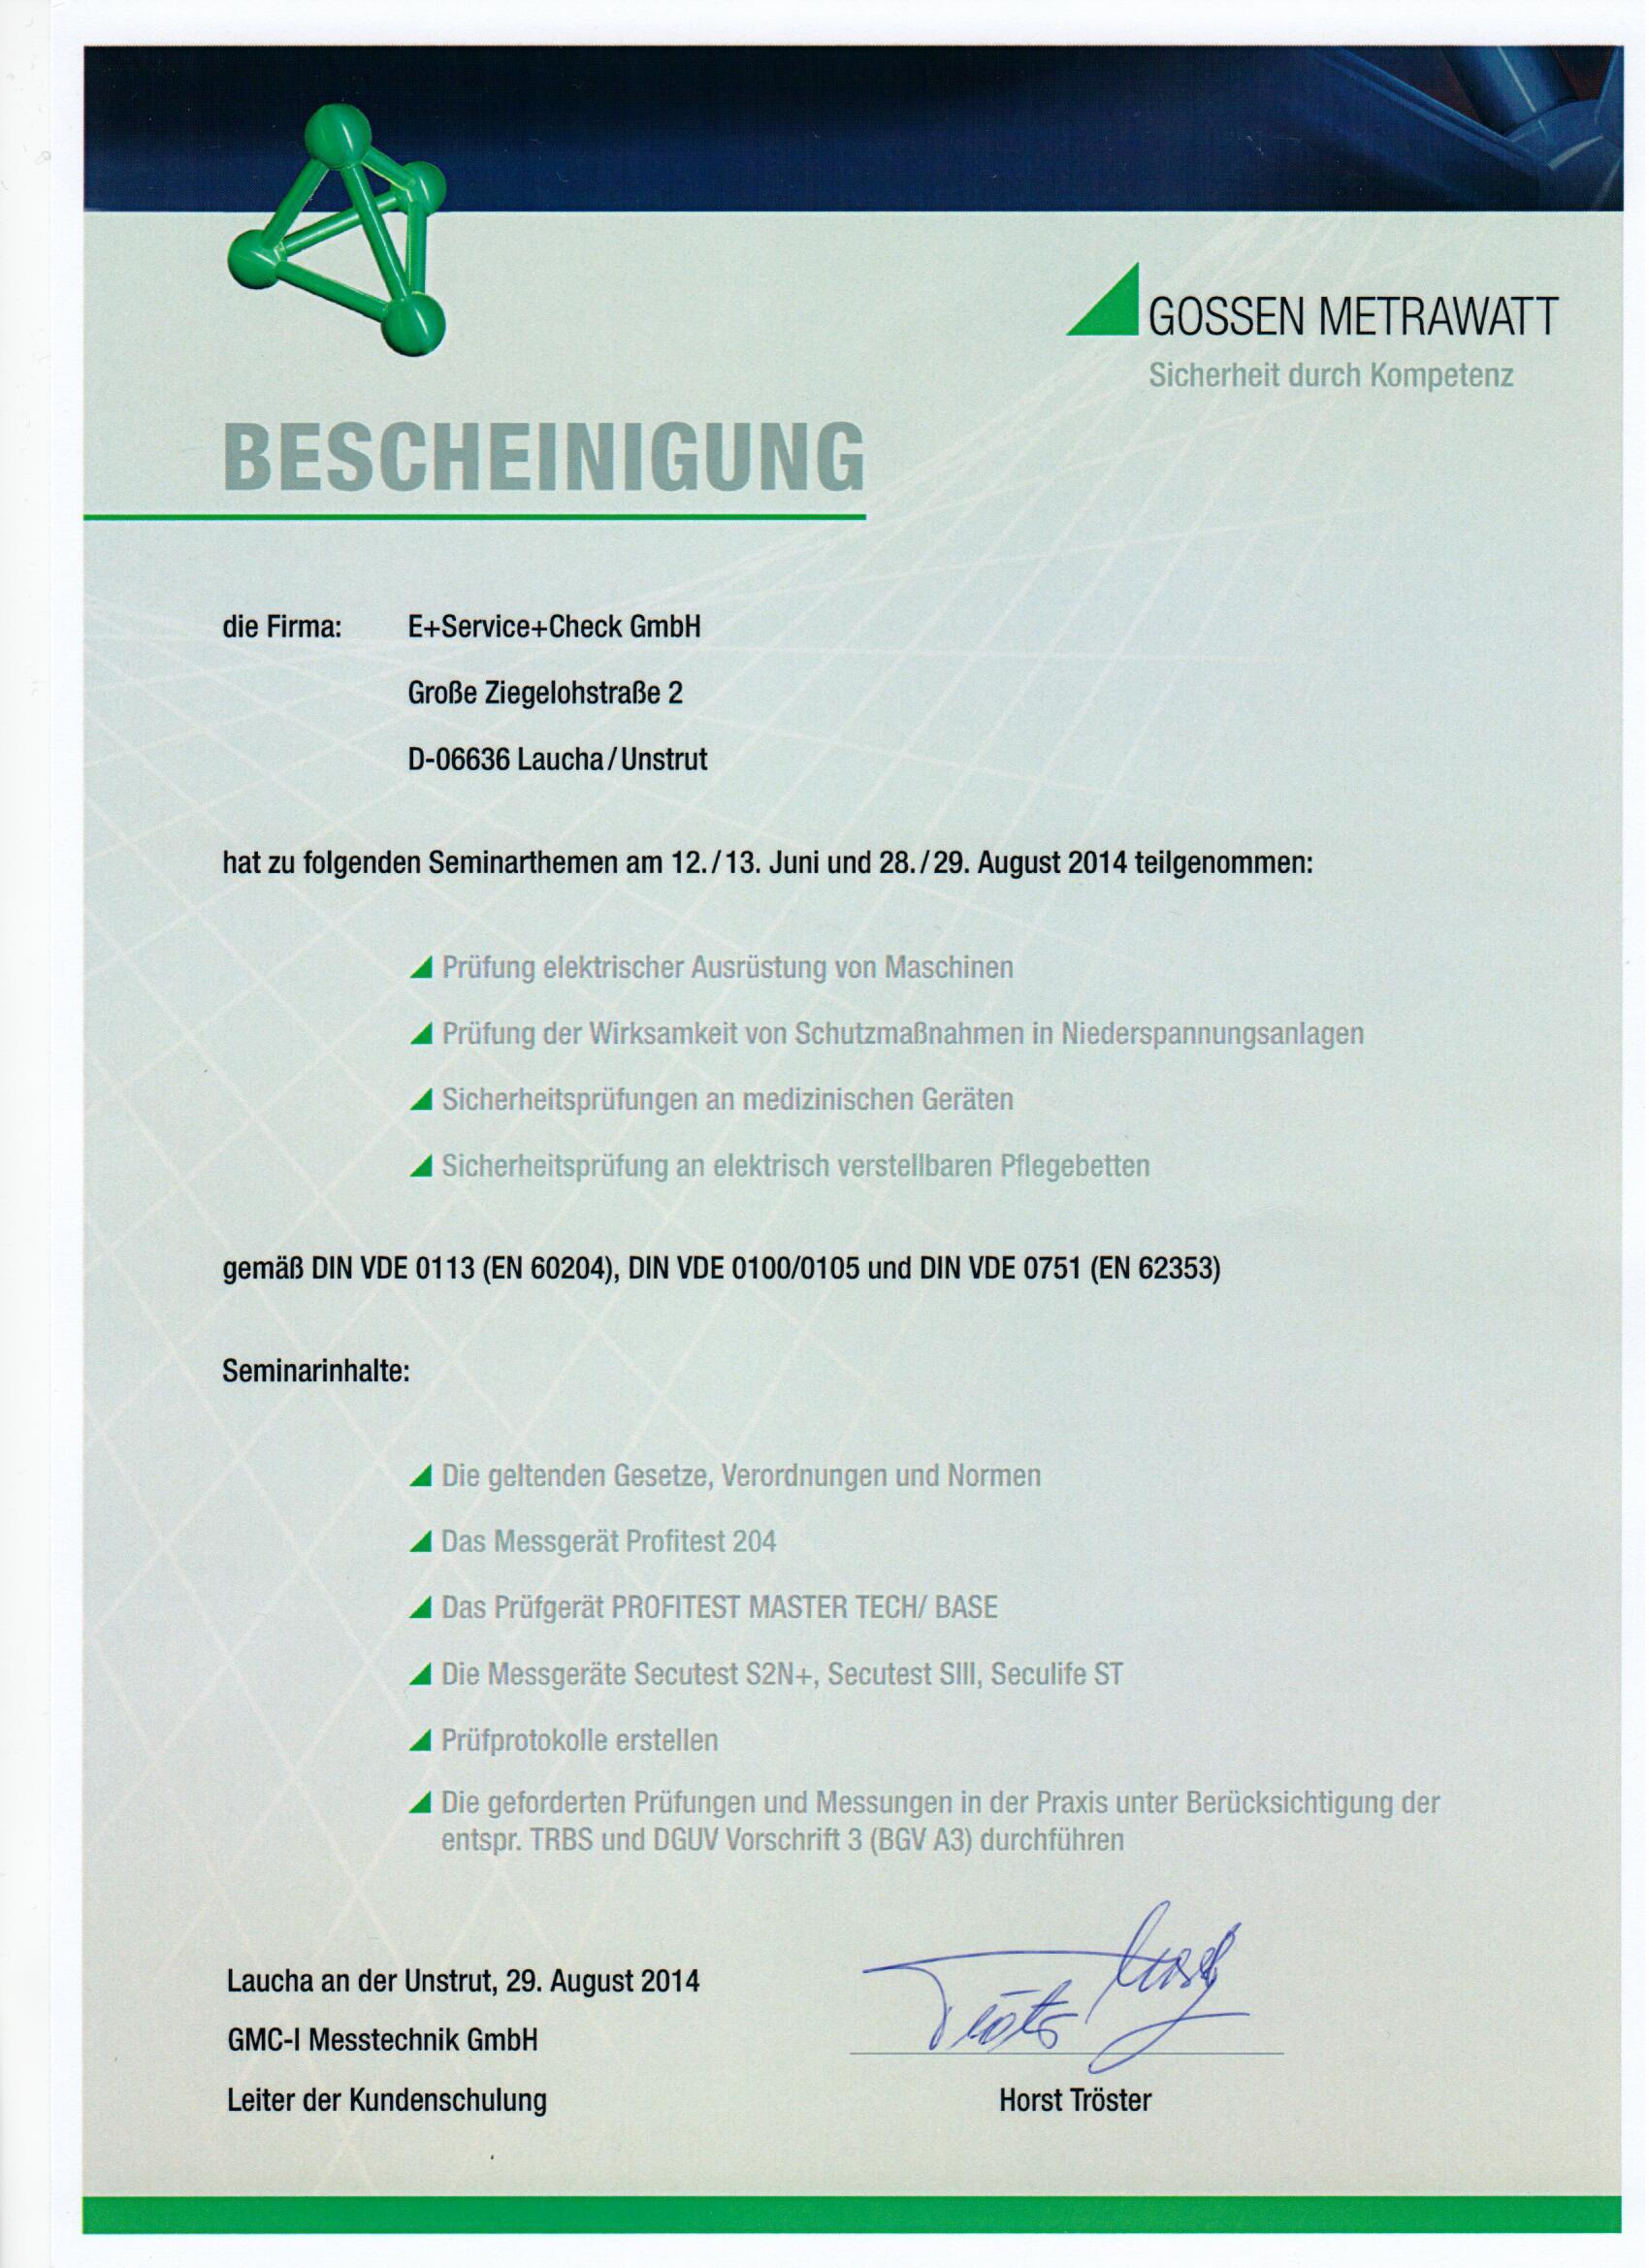 DGUV Vorschrift 3 ersetzt BGV A3 - firmenpresse